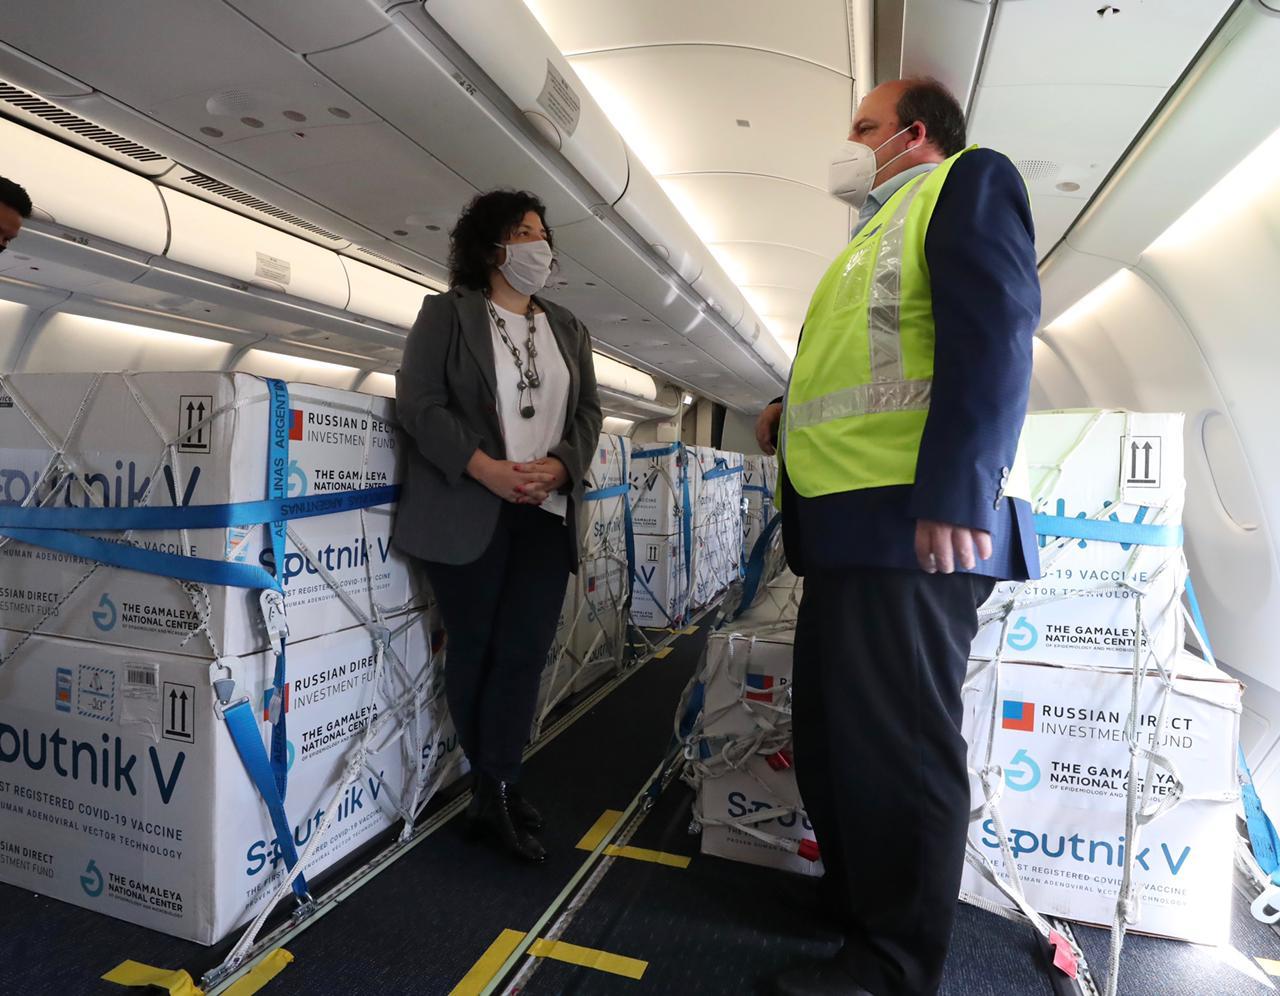 Más de 400.000 dosis de vacuna rusa contra Covid-19 arribaron este domingo a Argentina